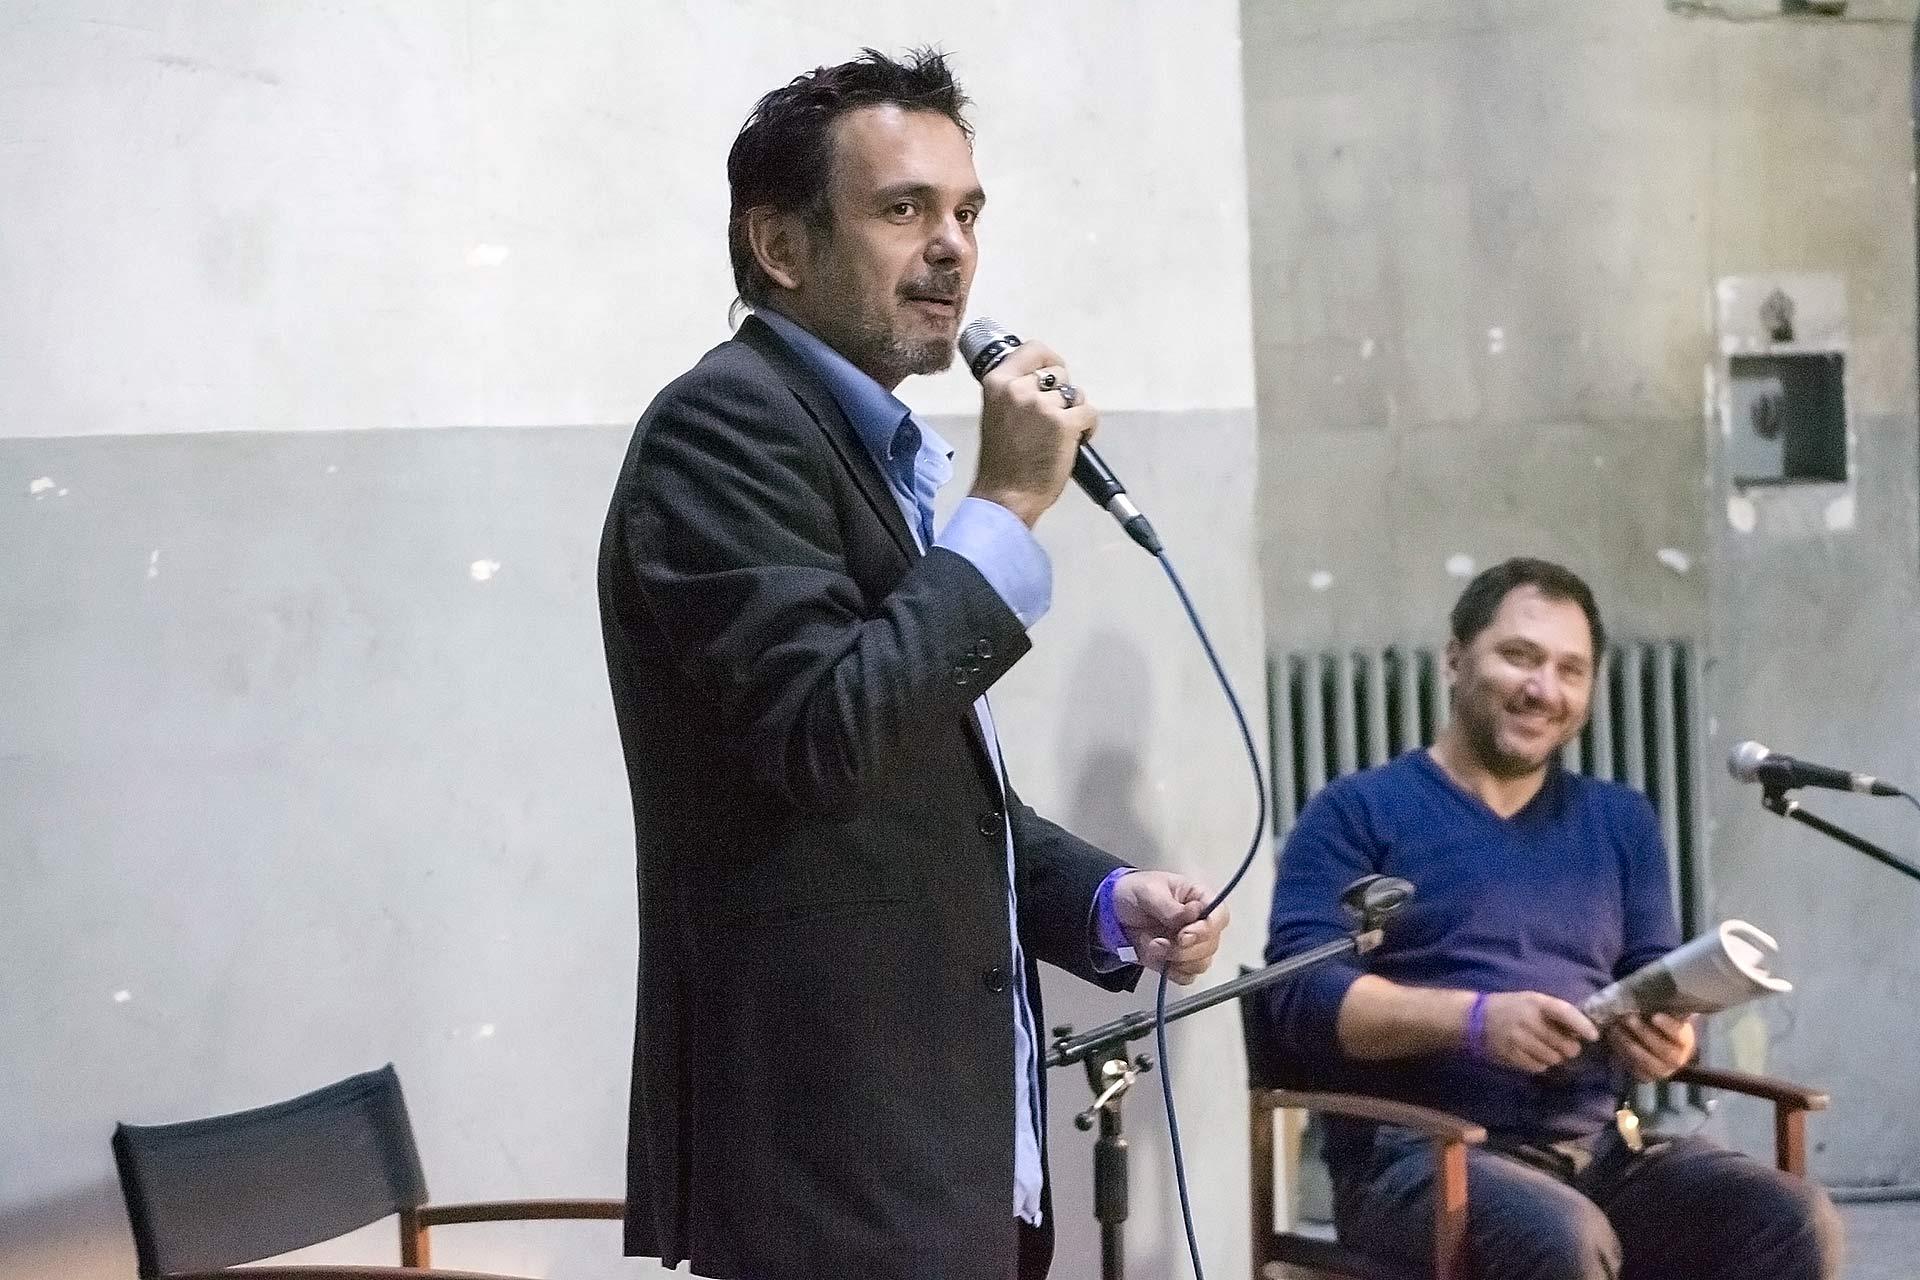 Stefano W. Pasquini - Giampaolo Bernardini, ph. Marina Zaia, 2015